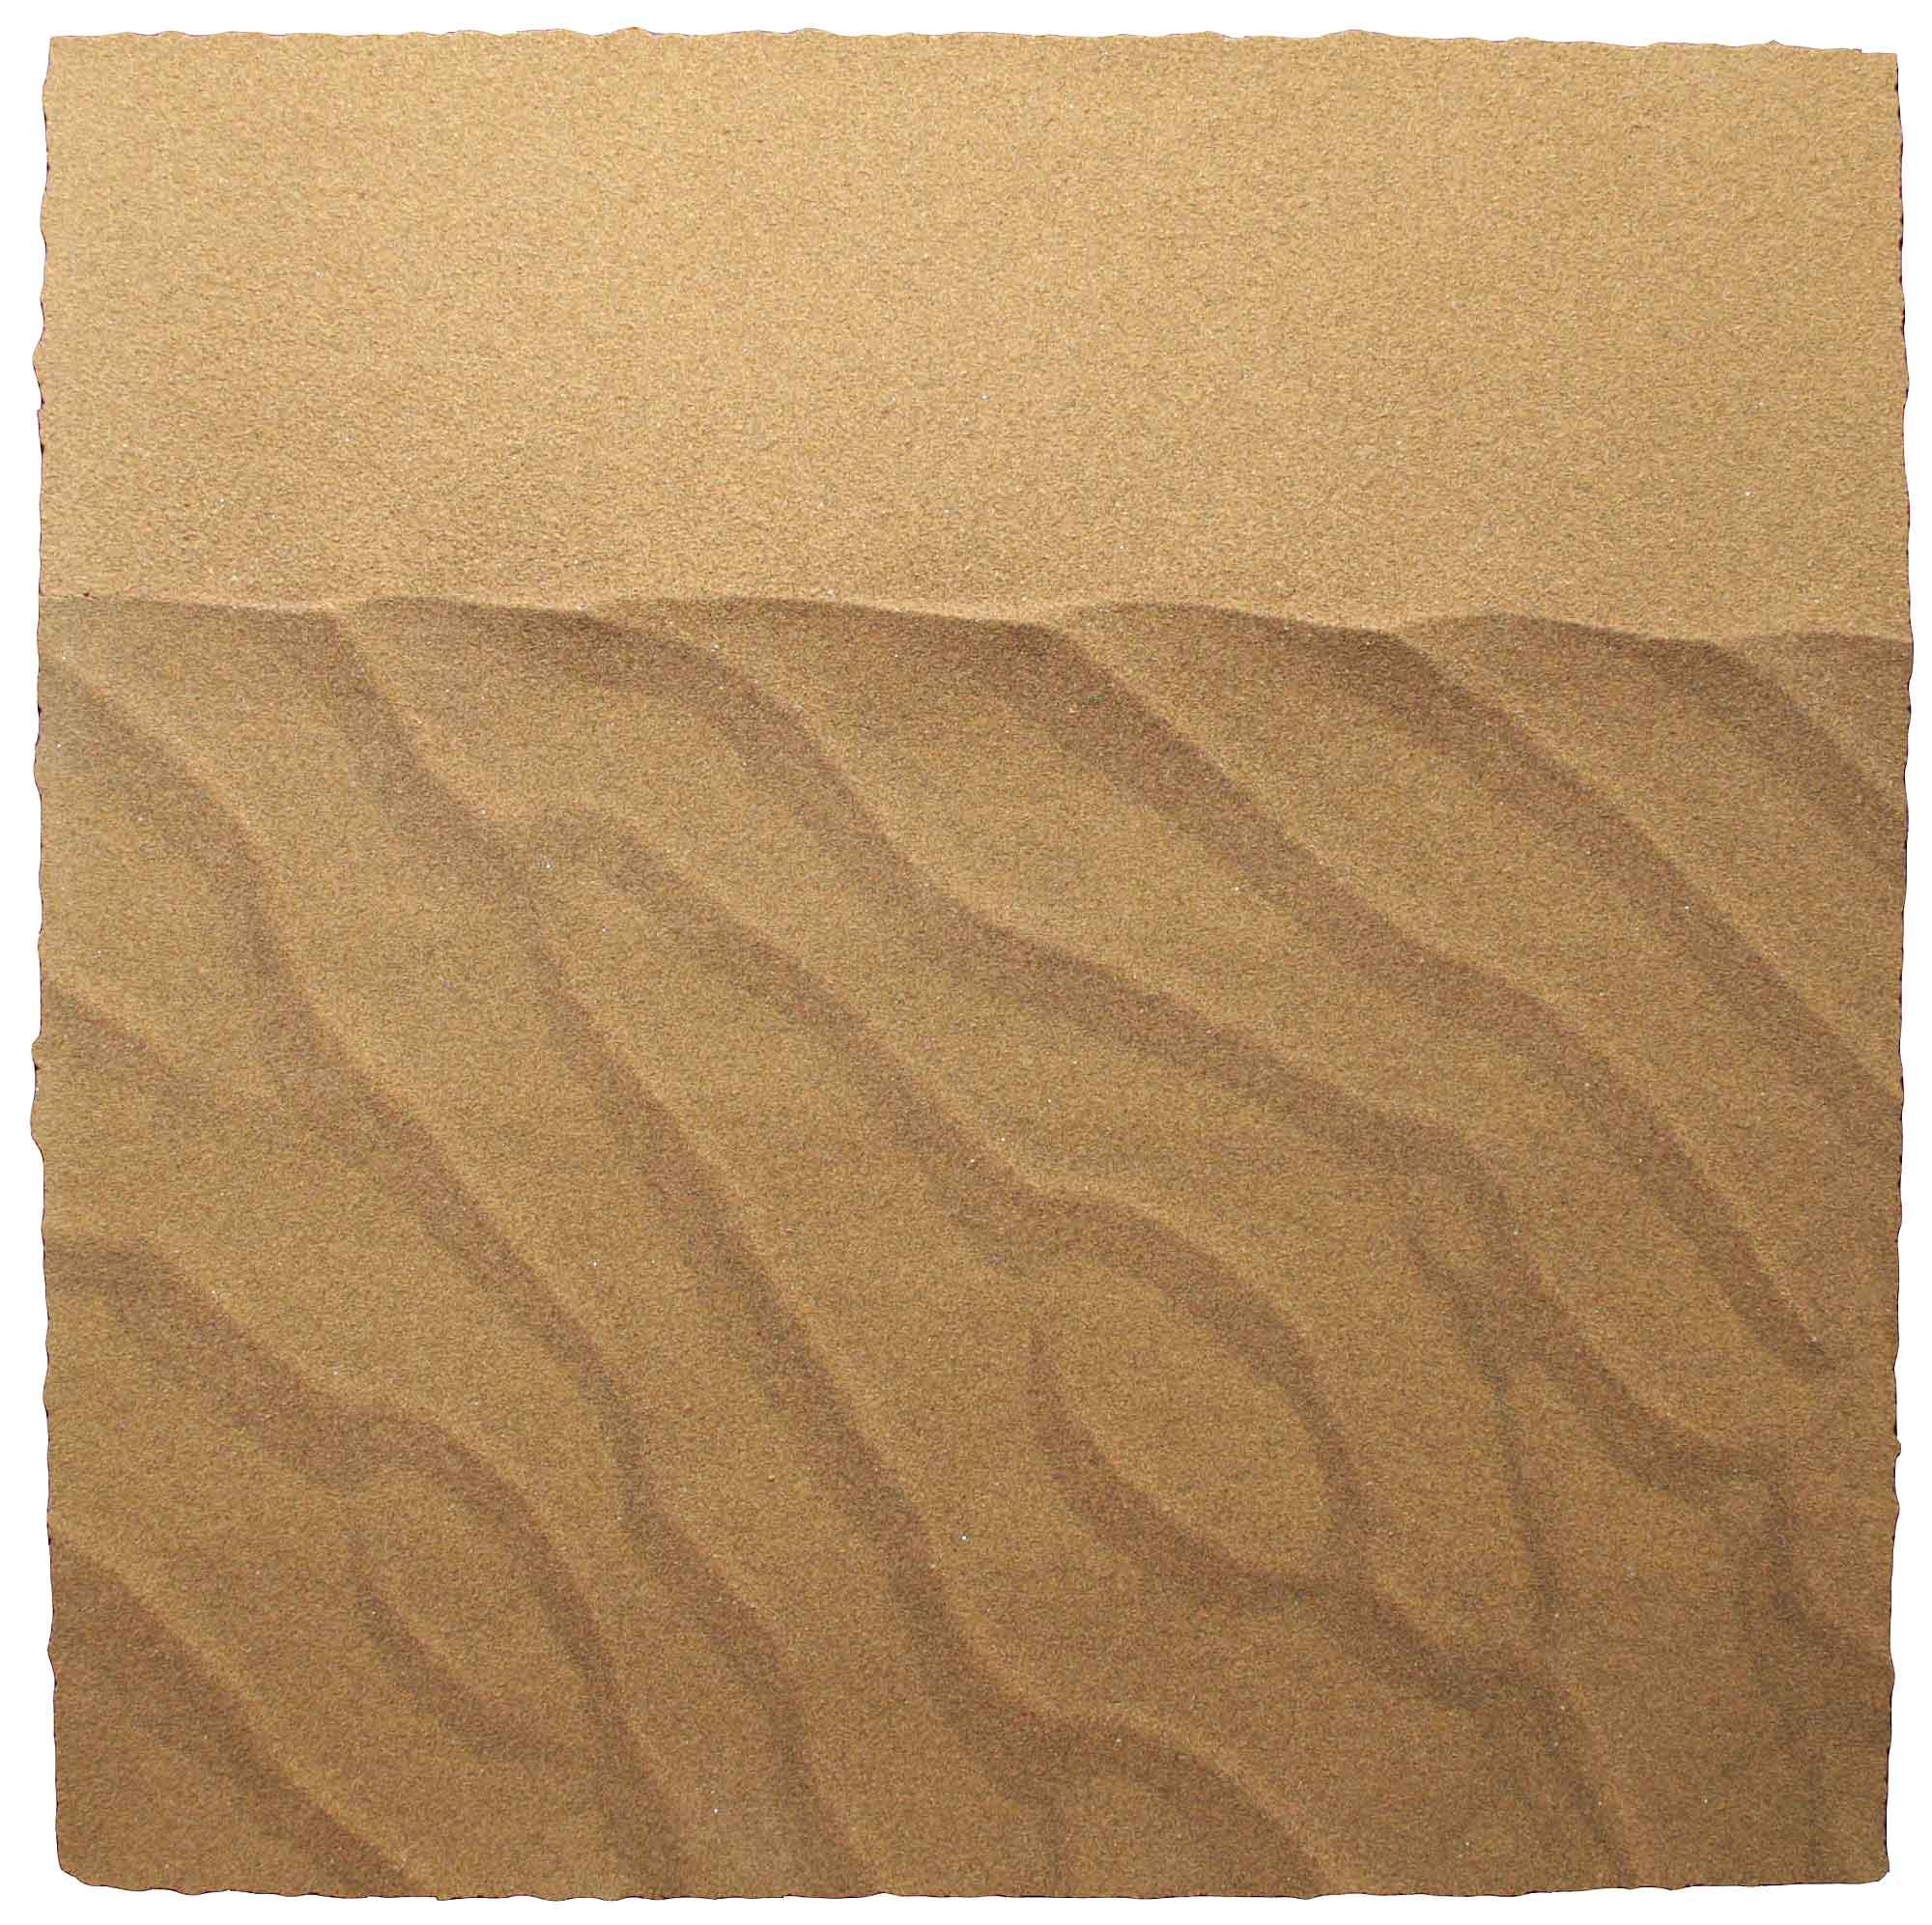 Sand tapete u. quartztapete zum online kaufen